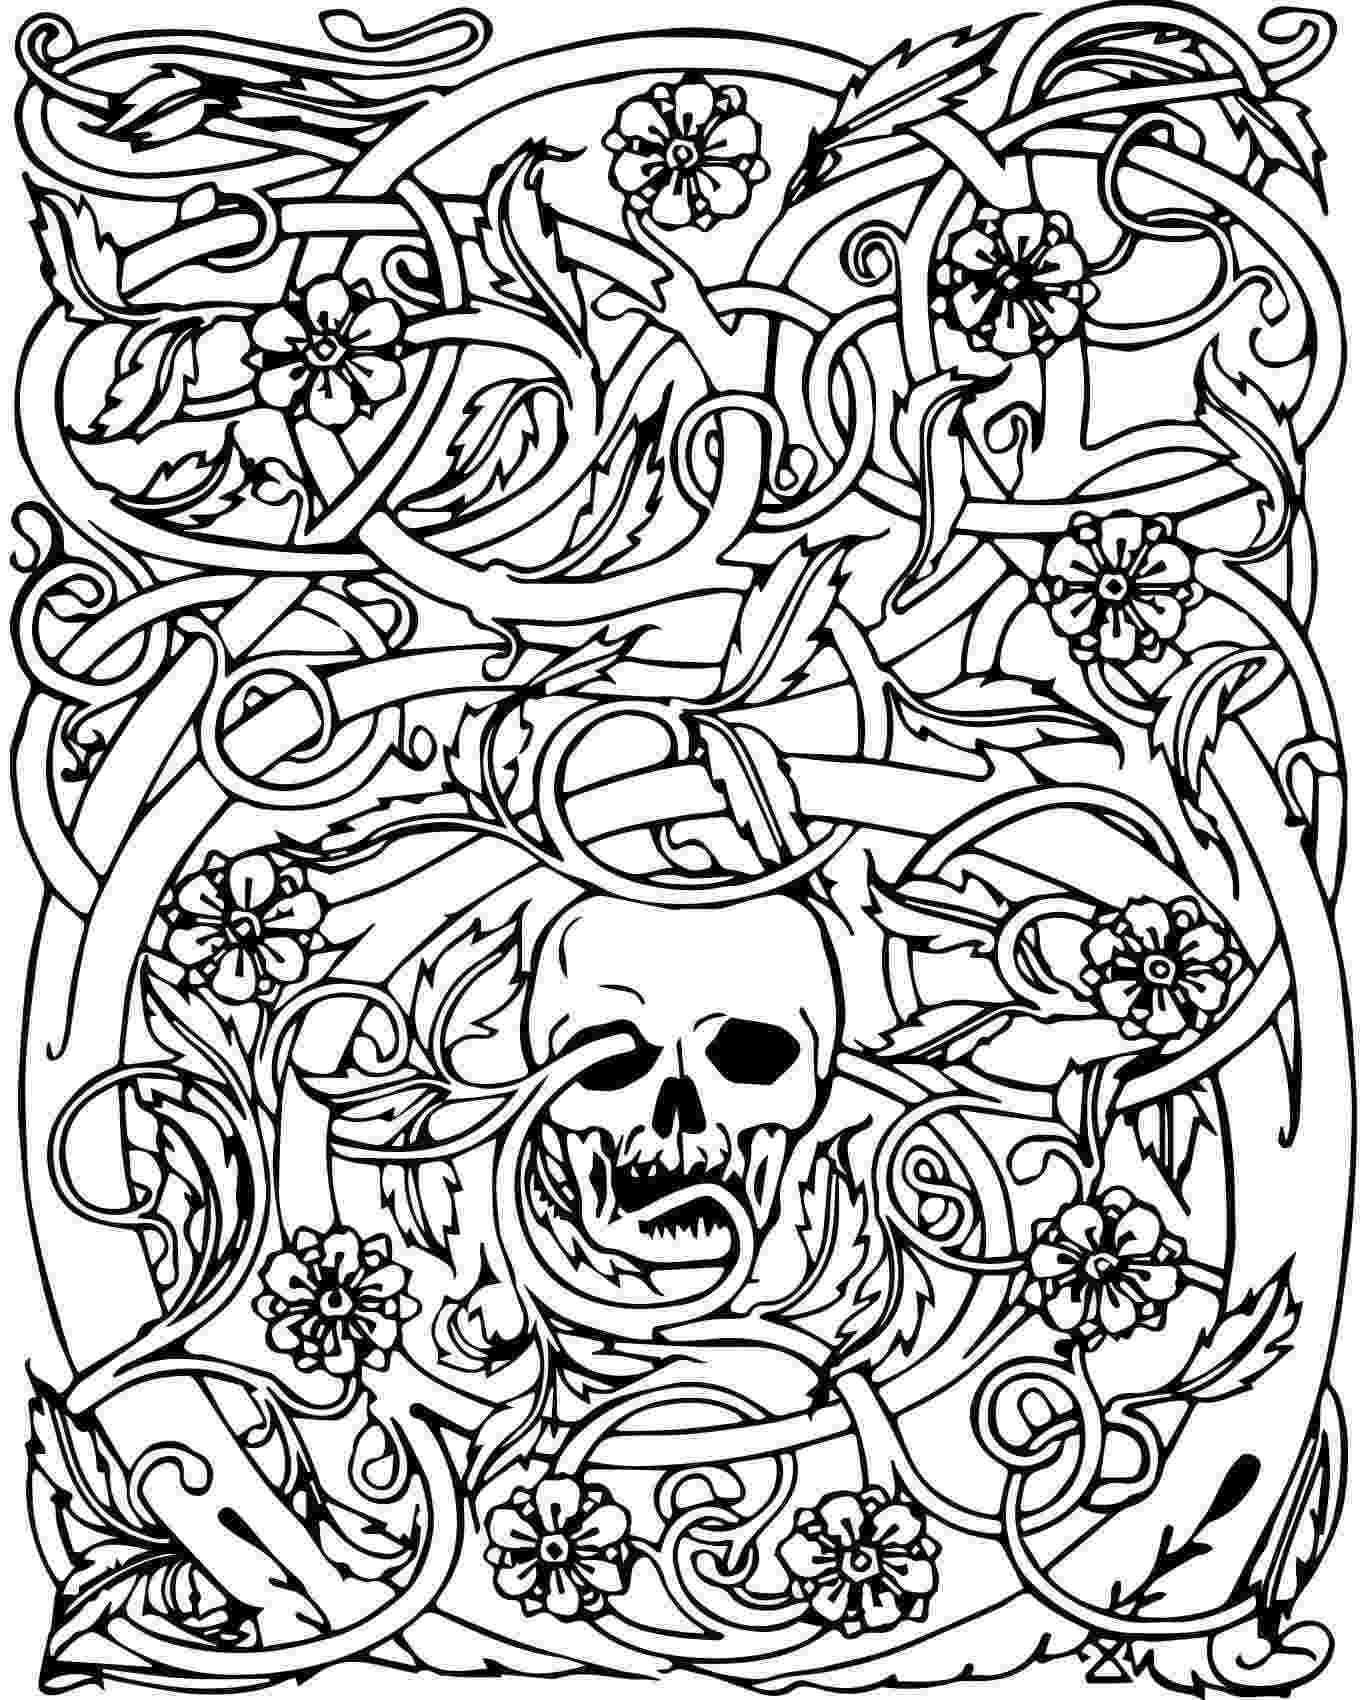 skull coloring sheets free printable skull coloring pages for kids skull coloring sheets 1 2